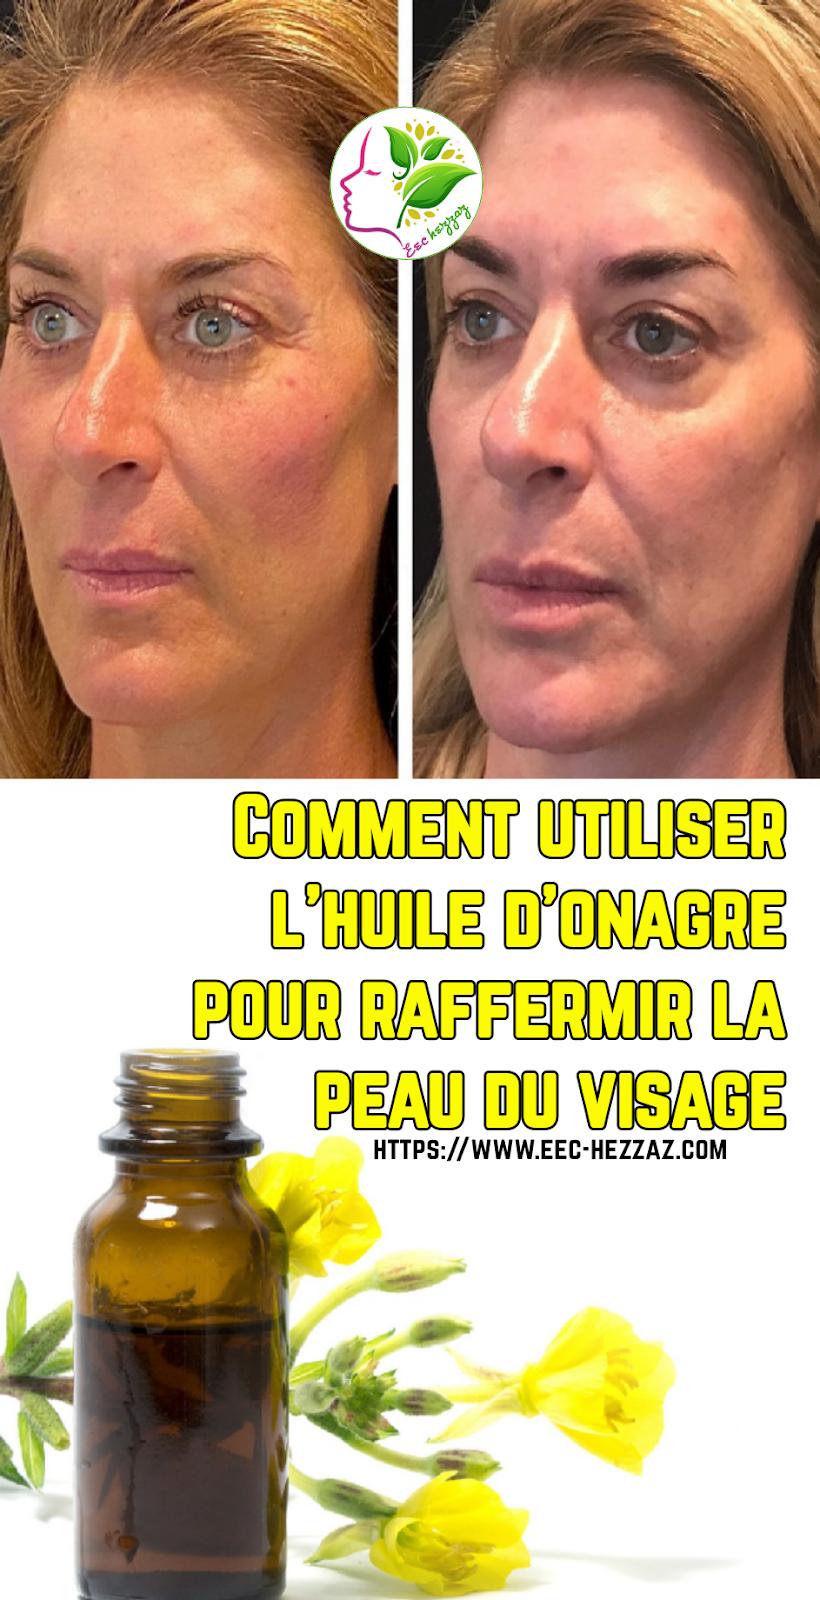 Comment utiliser l'huile d'onagre pour raffermir la peau du visage